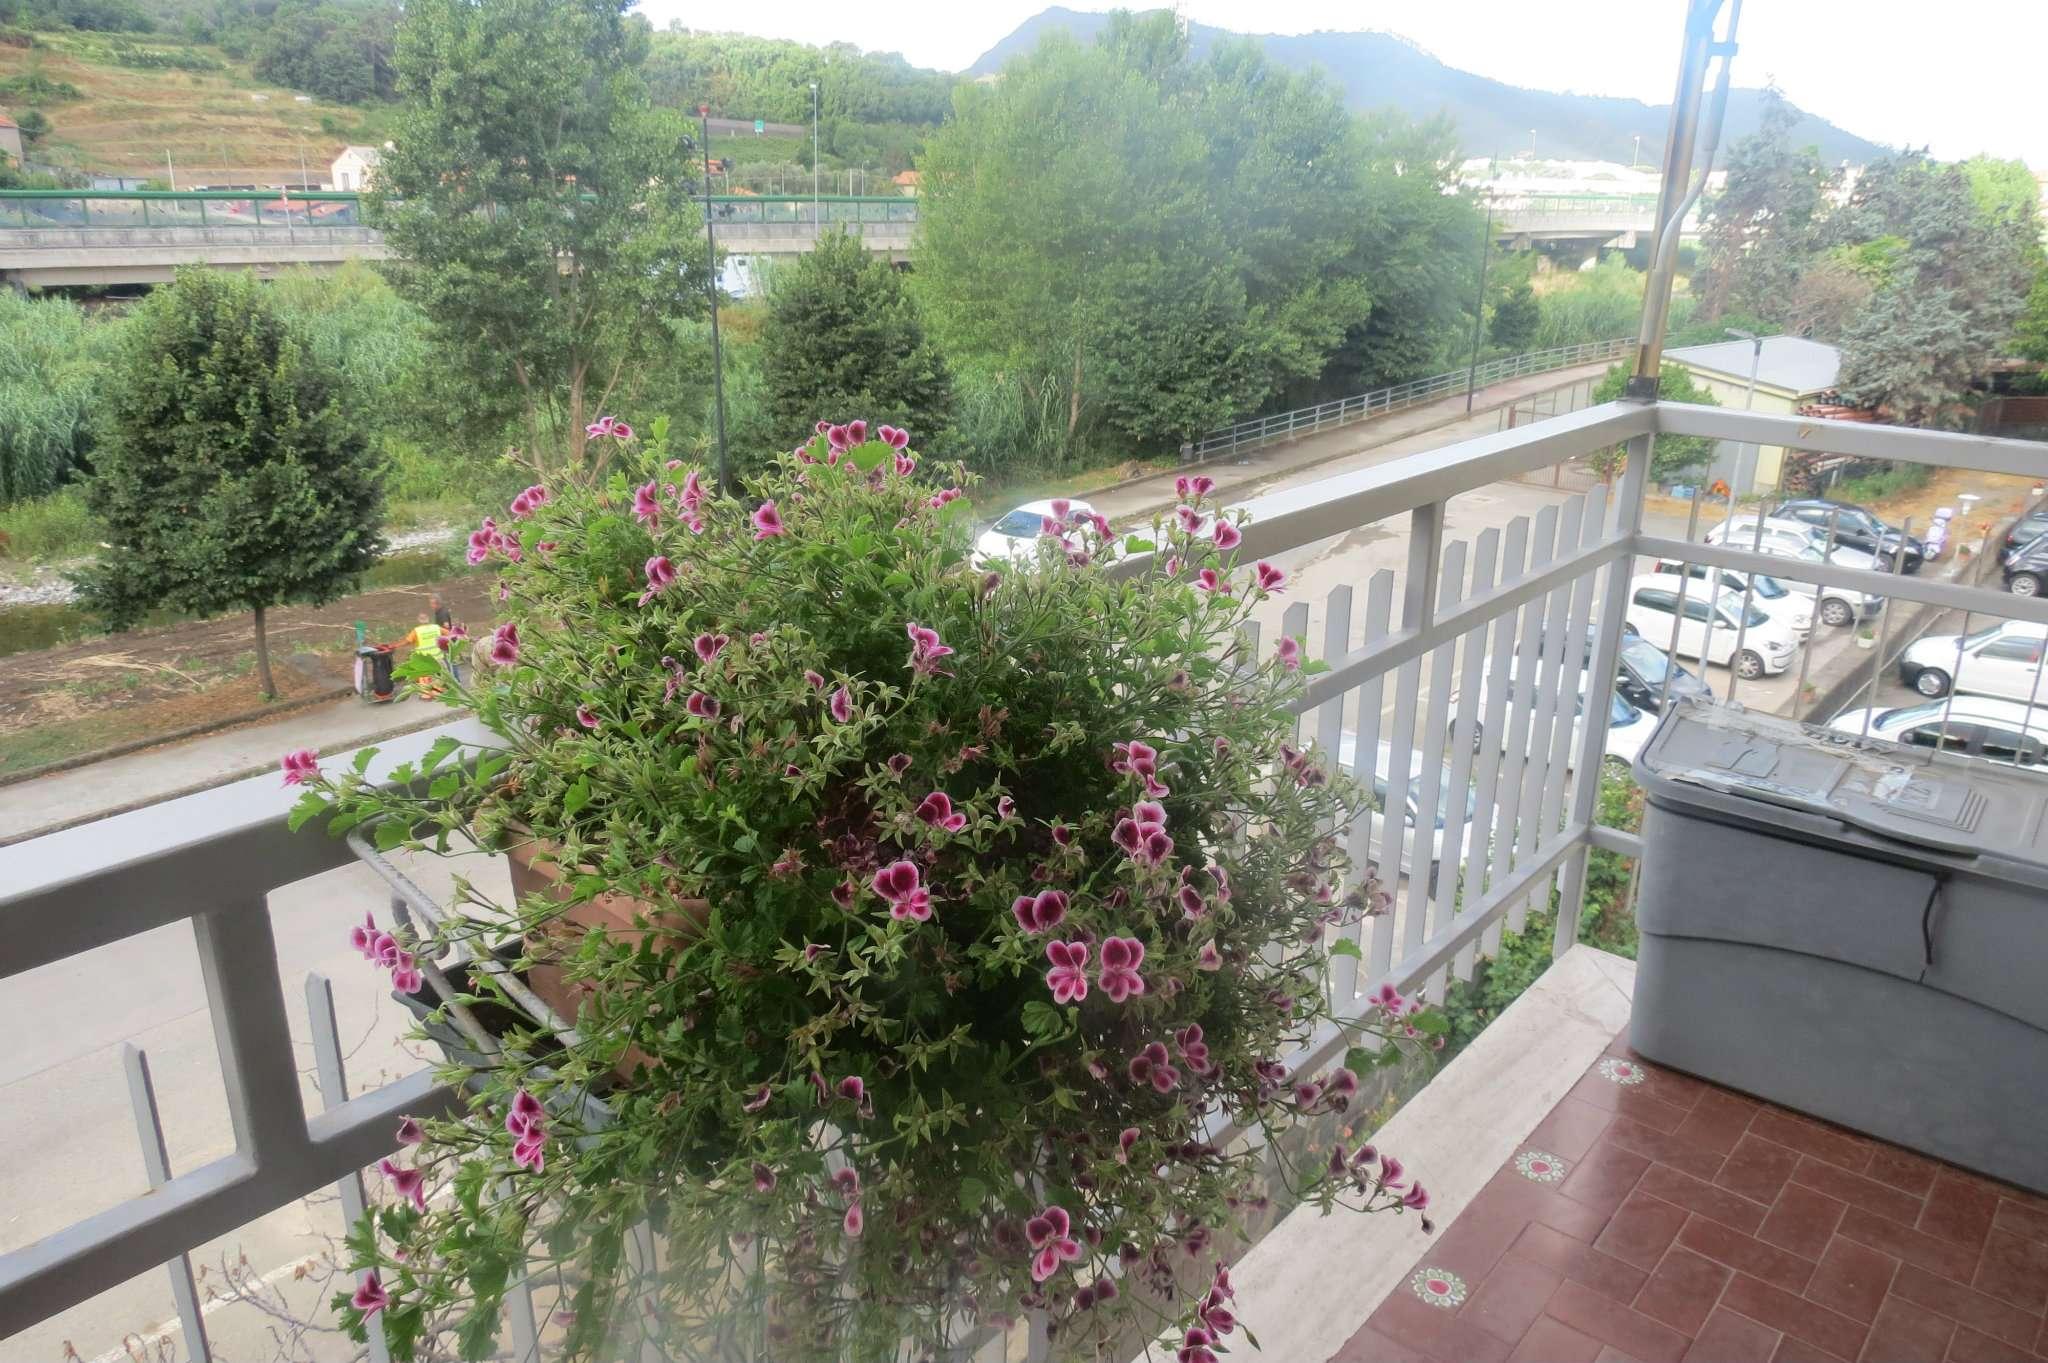 Appartamento in vendita a Casarza Ligure, 6 locali, prezzo € 170.000 | CambioCasa.it